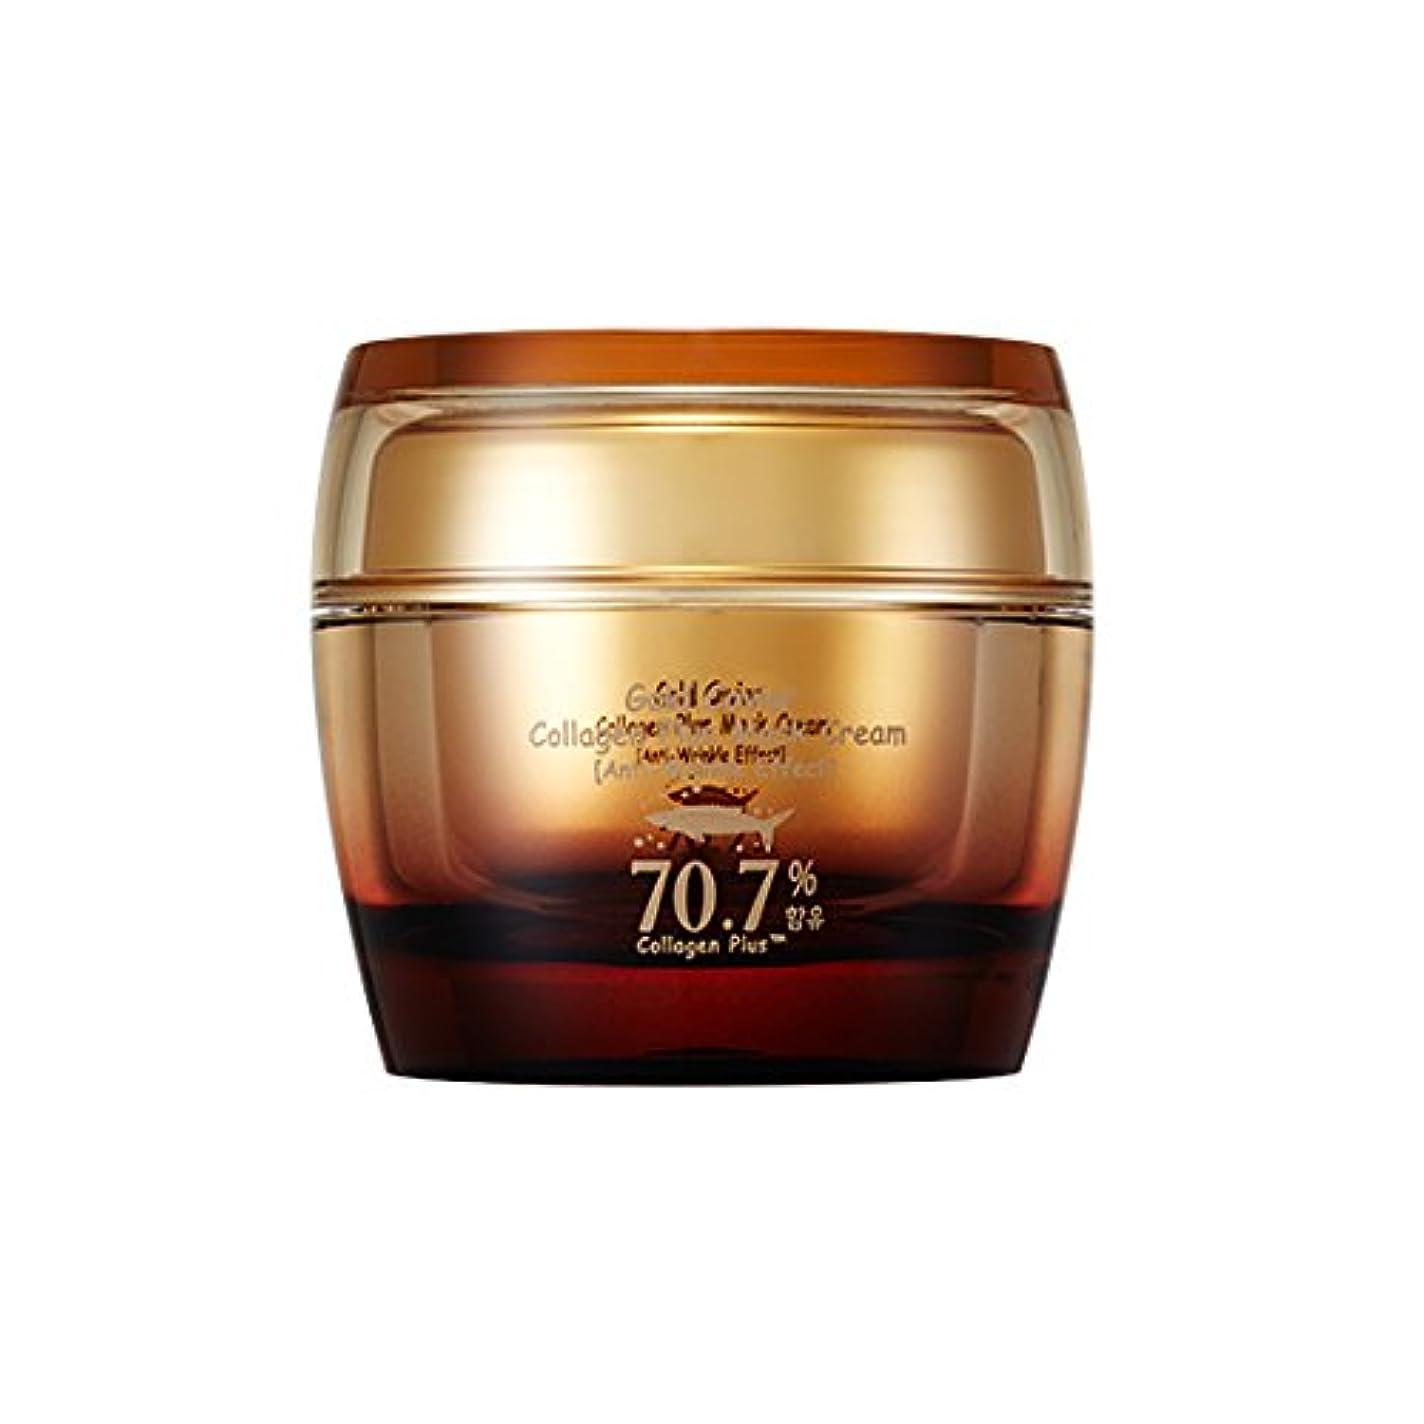 宙返りシエスタ亜熱帯Skinfood ゴールドキャビアコラーゲンプラスクリーム(しわ防止効果) / Gold Caviar Collagen Plus Cream (Anti-Wrinkle Effect) 50g [並行輸入品]